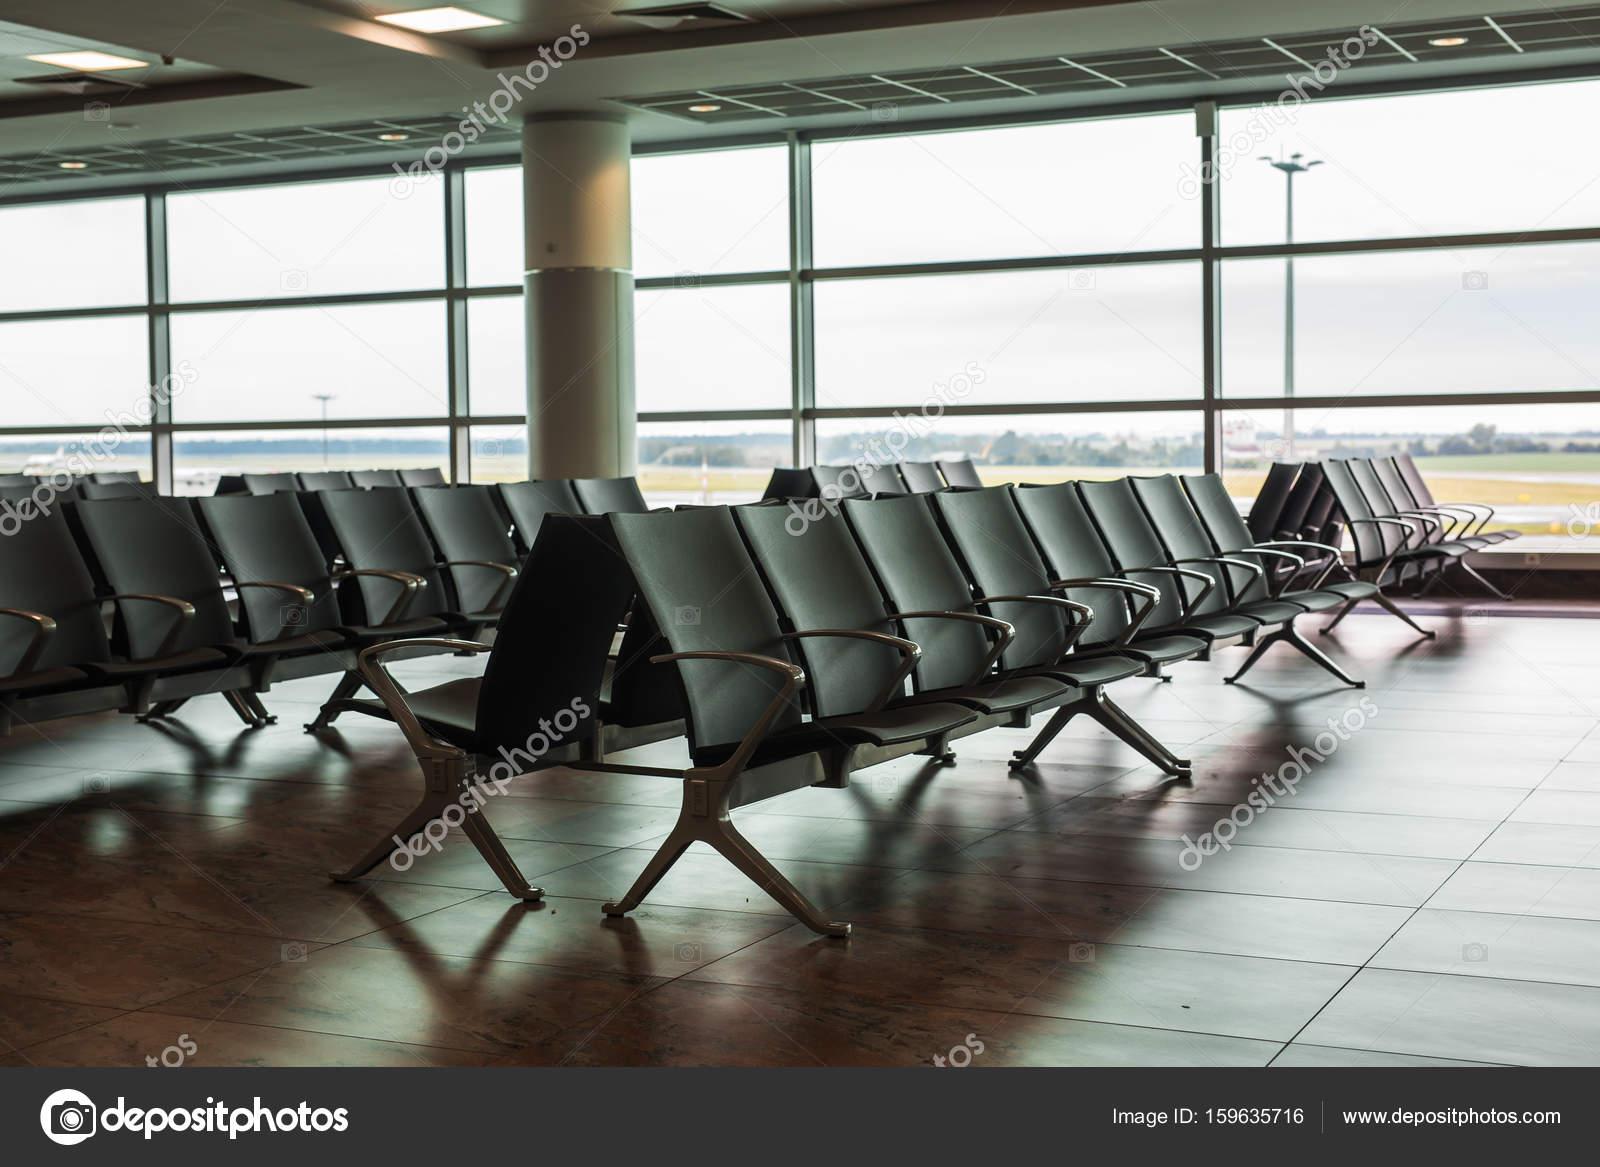 Eigentijdse lounge met zetels in de luchthaven u2014 stockfoto © satura